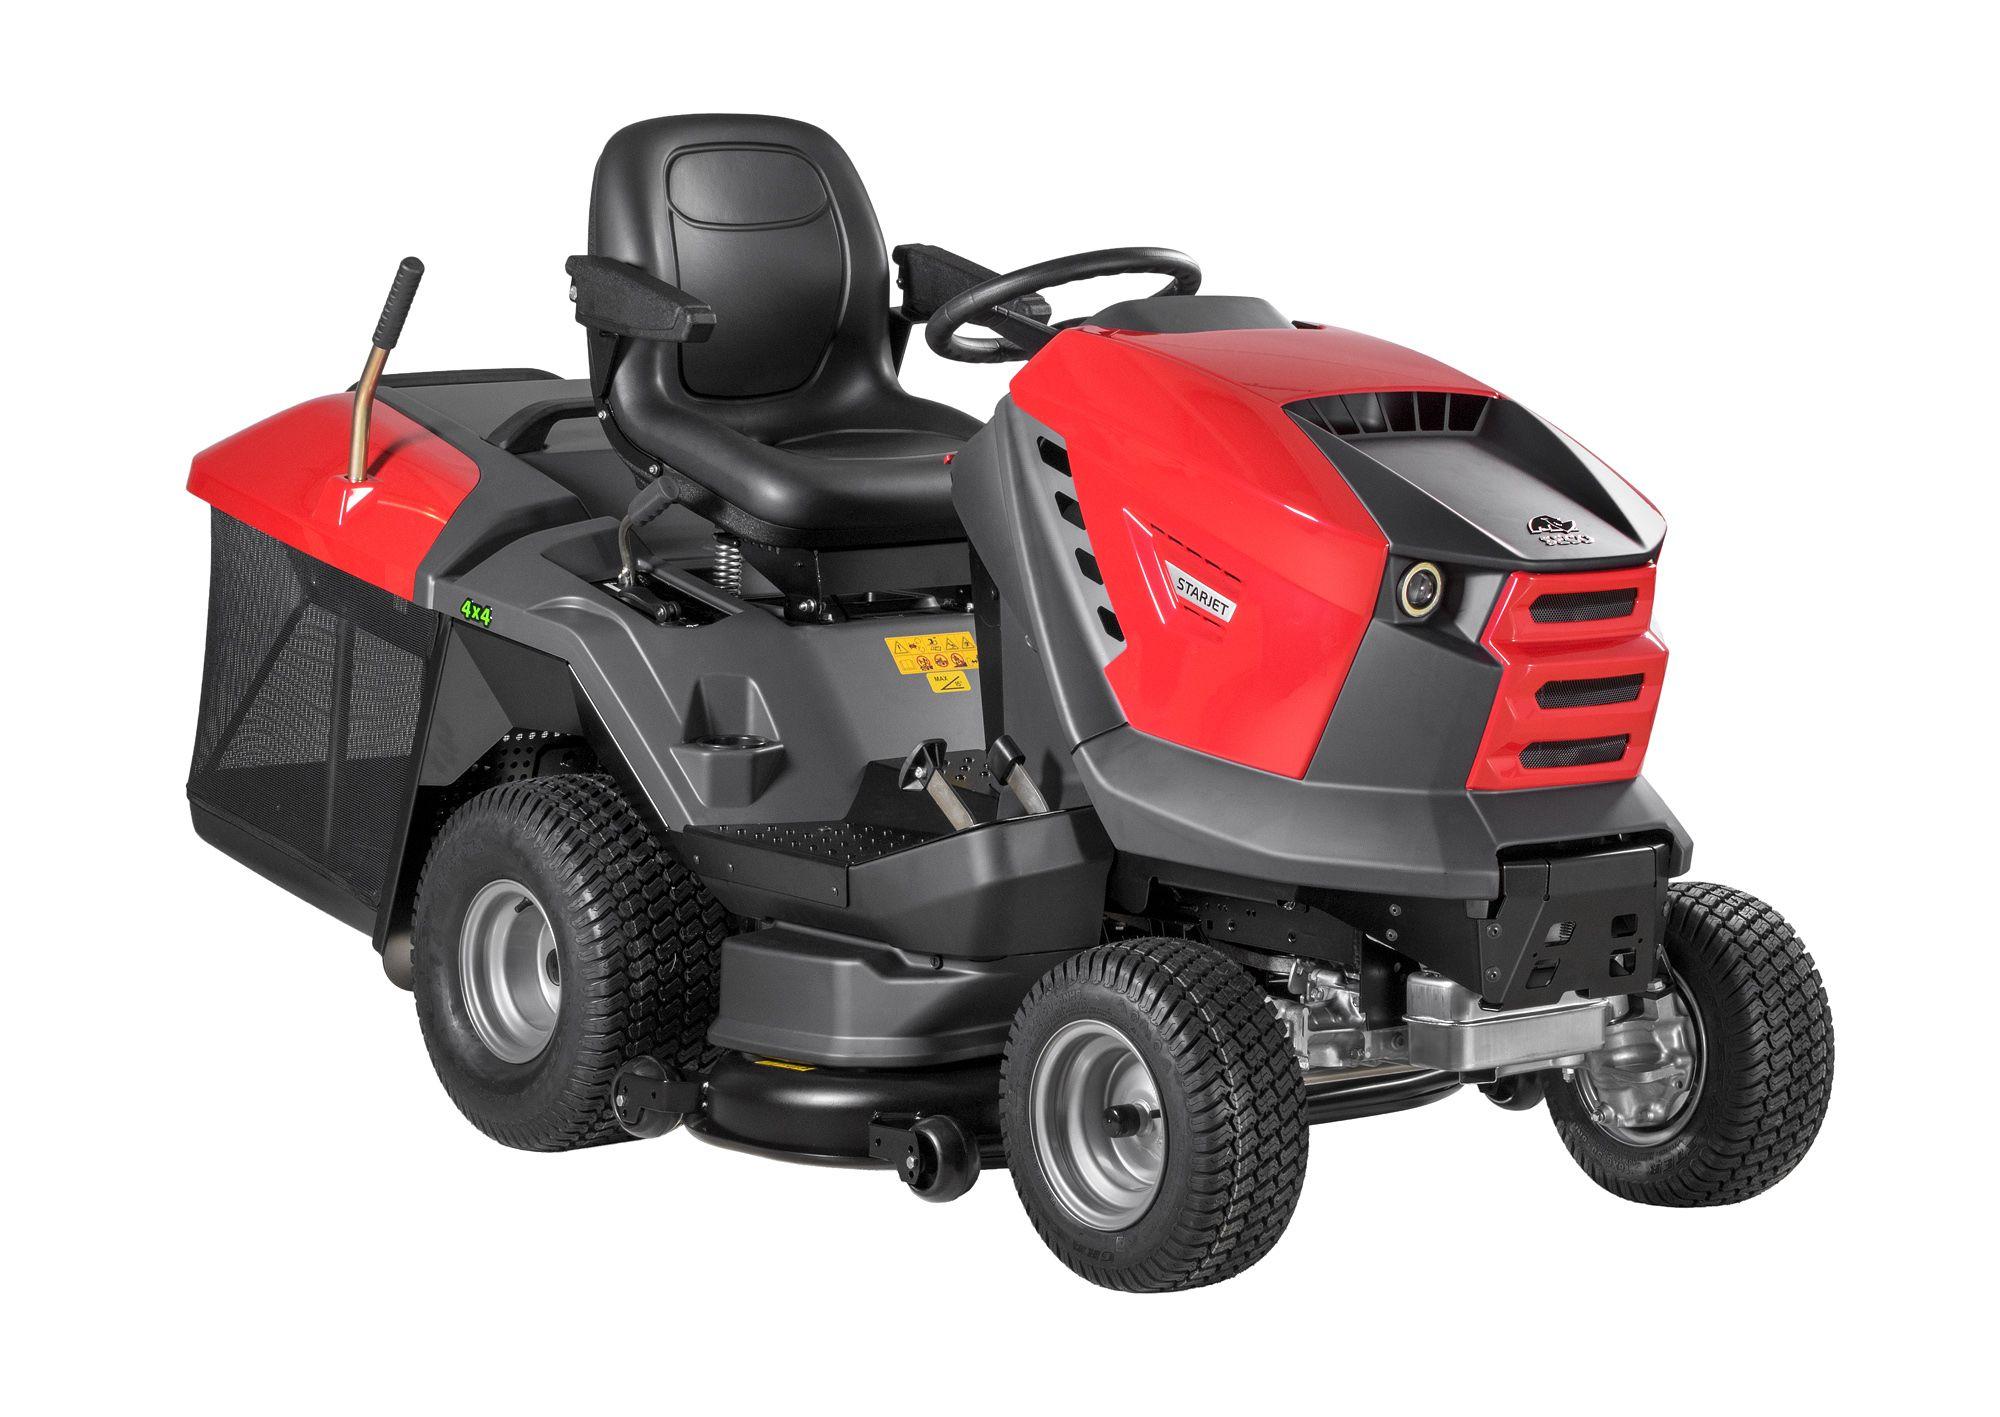 Zahradní traktor Seco Starjet P4 4x4